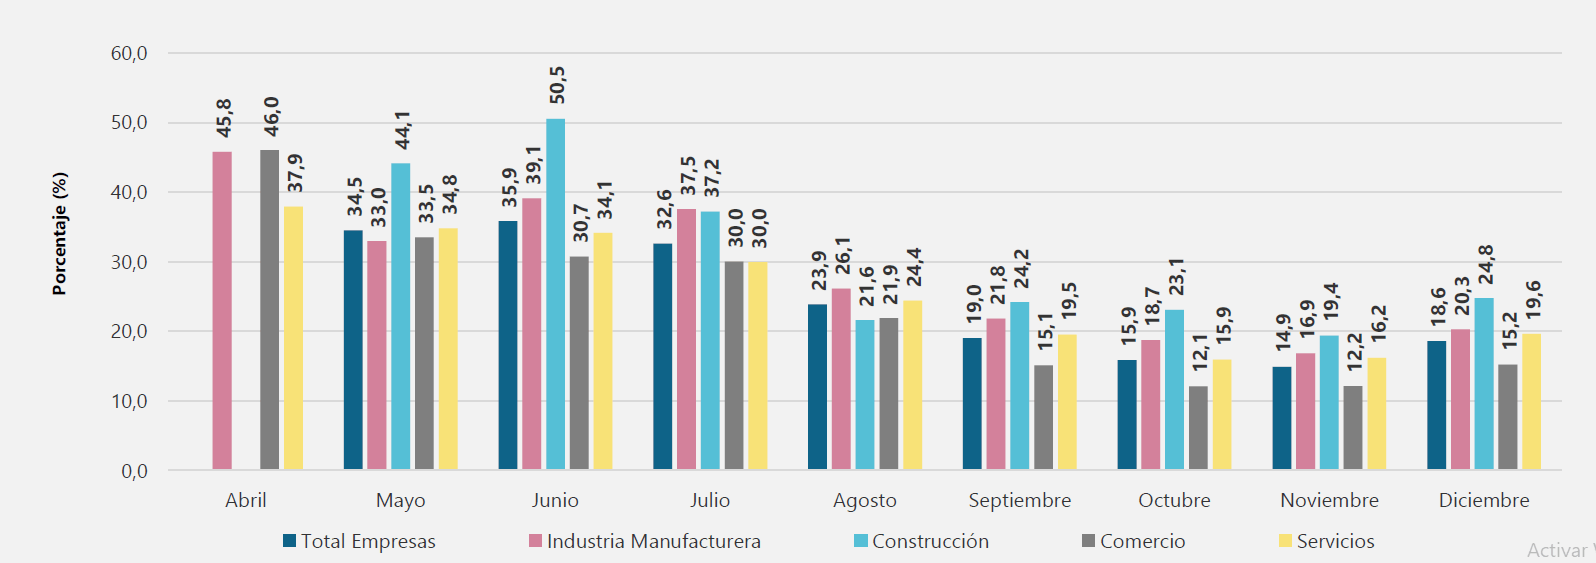 Canales de afectación de las empresas: porcentaje de empresas que reportaron reducción de trabajadores u horas laboradas.